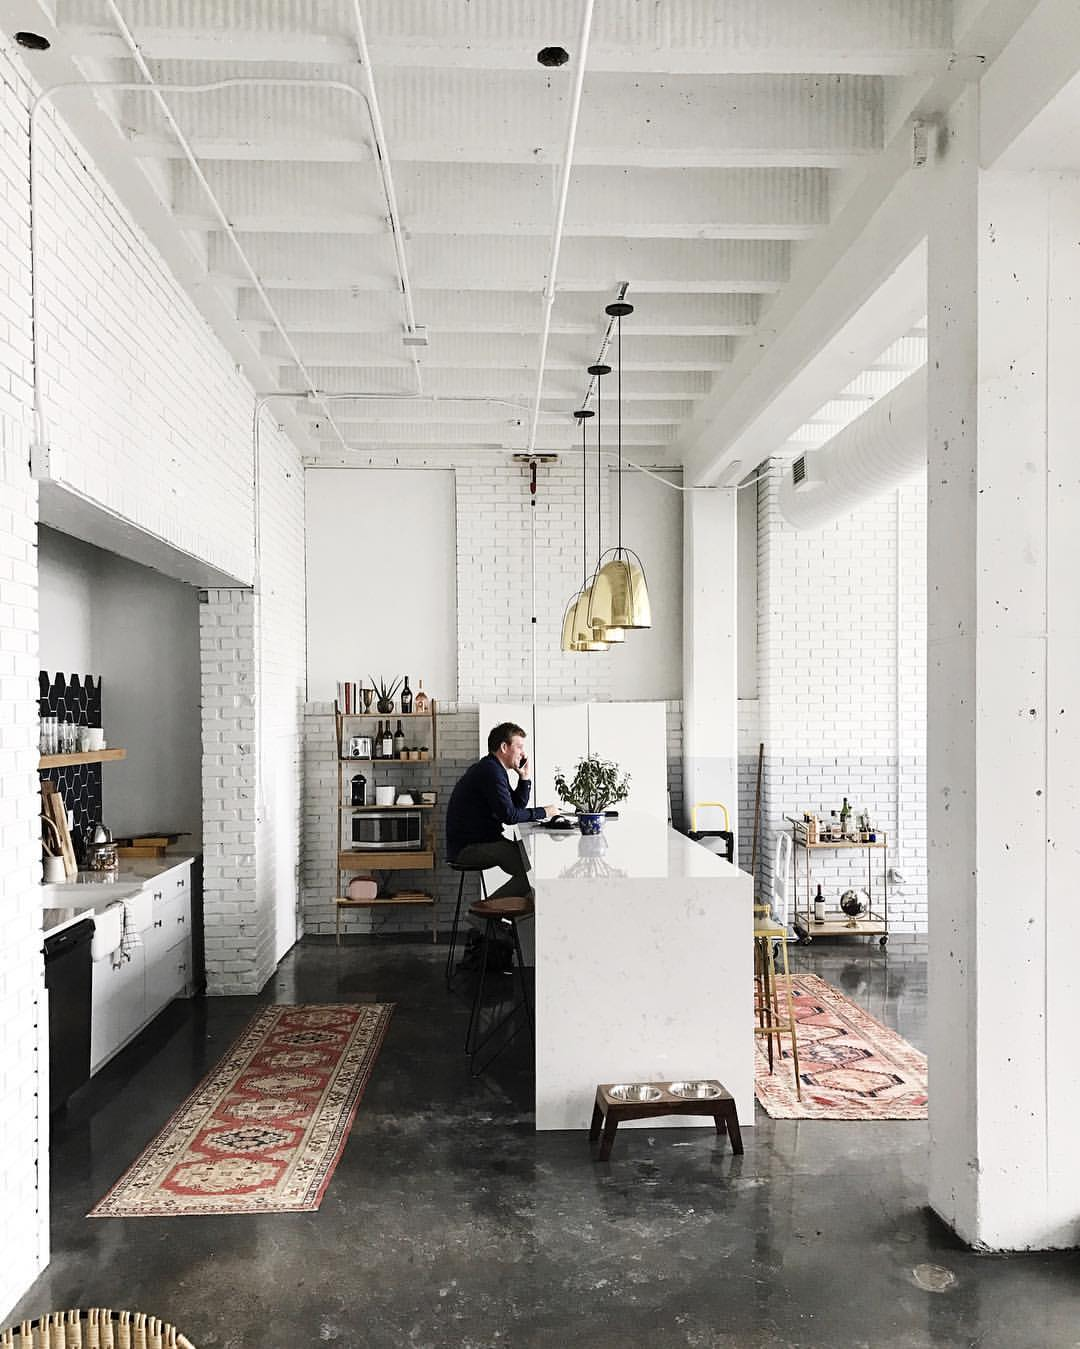 Voordelen van een open keuken